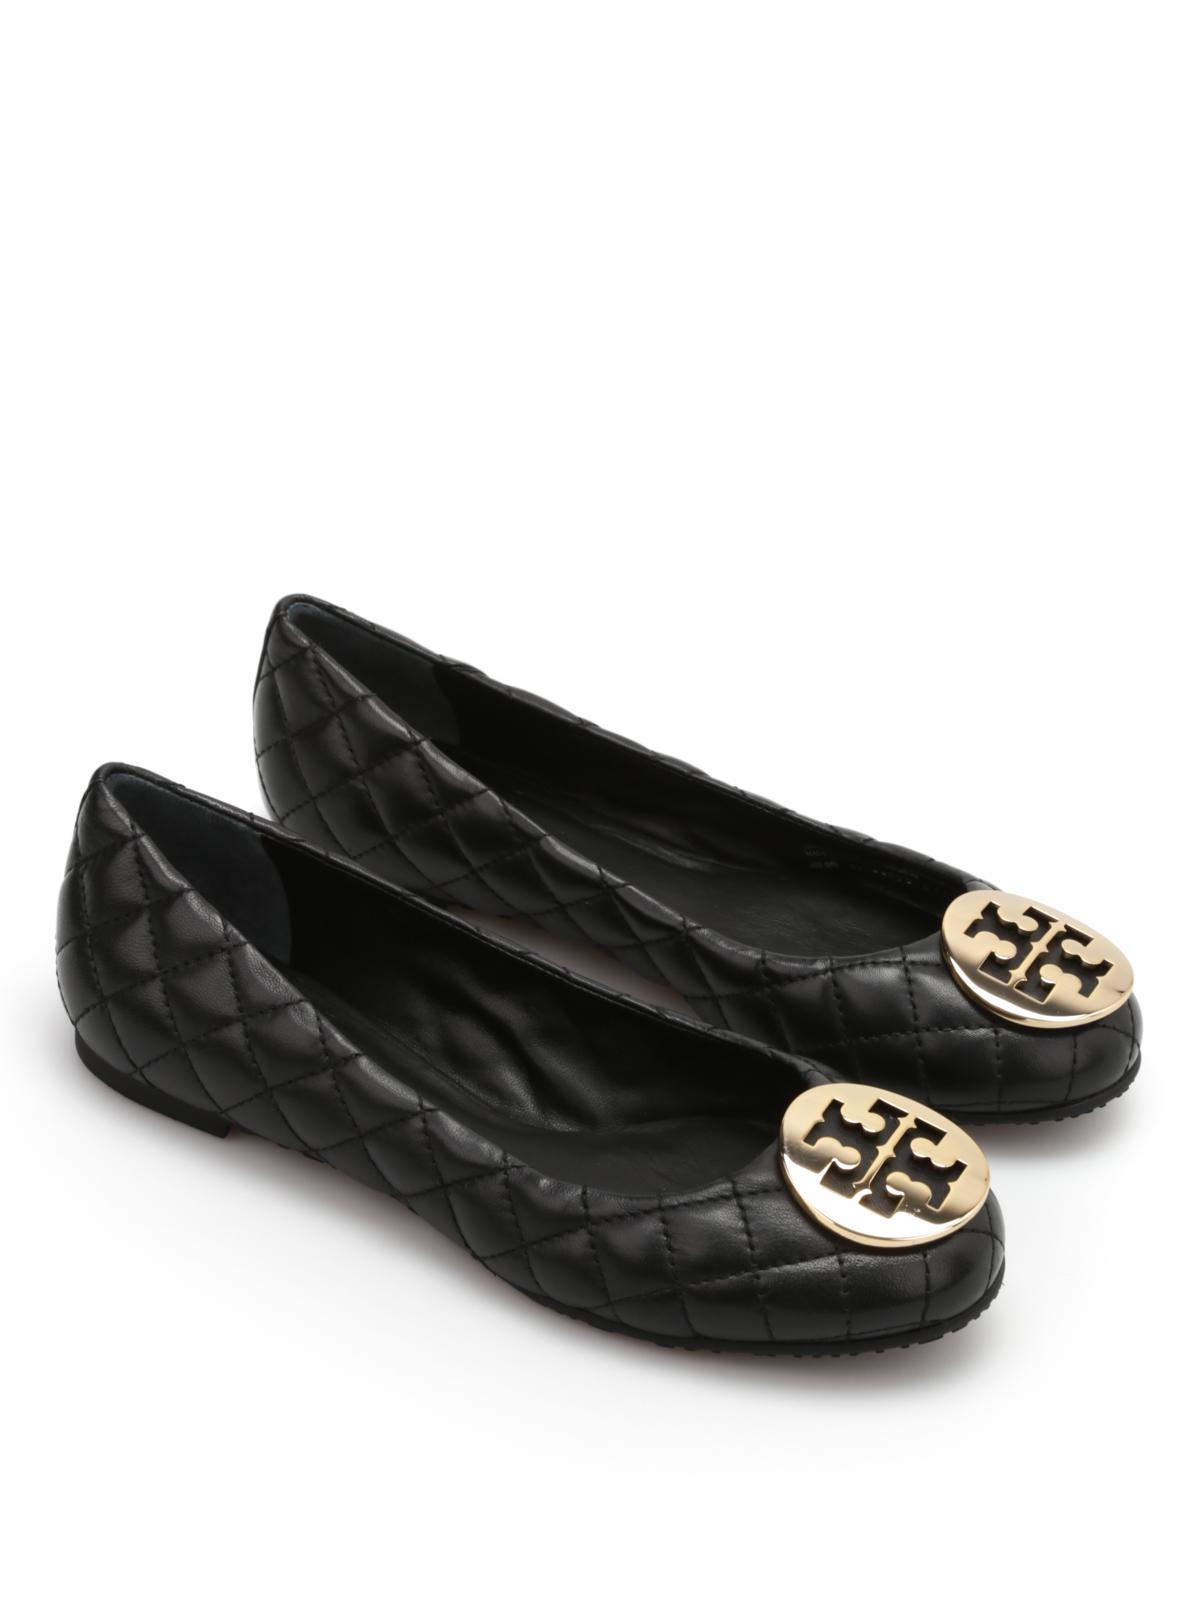 f99604826 Tory Burch - Leather Quinn flats - flat shoes - 50008602 051